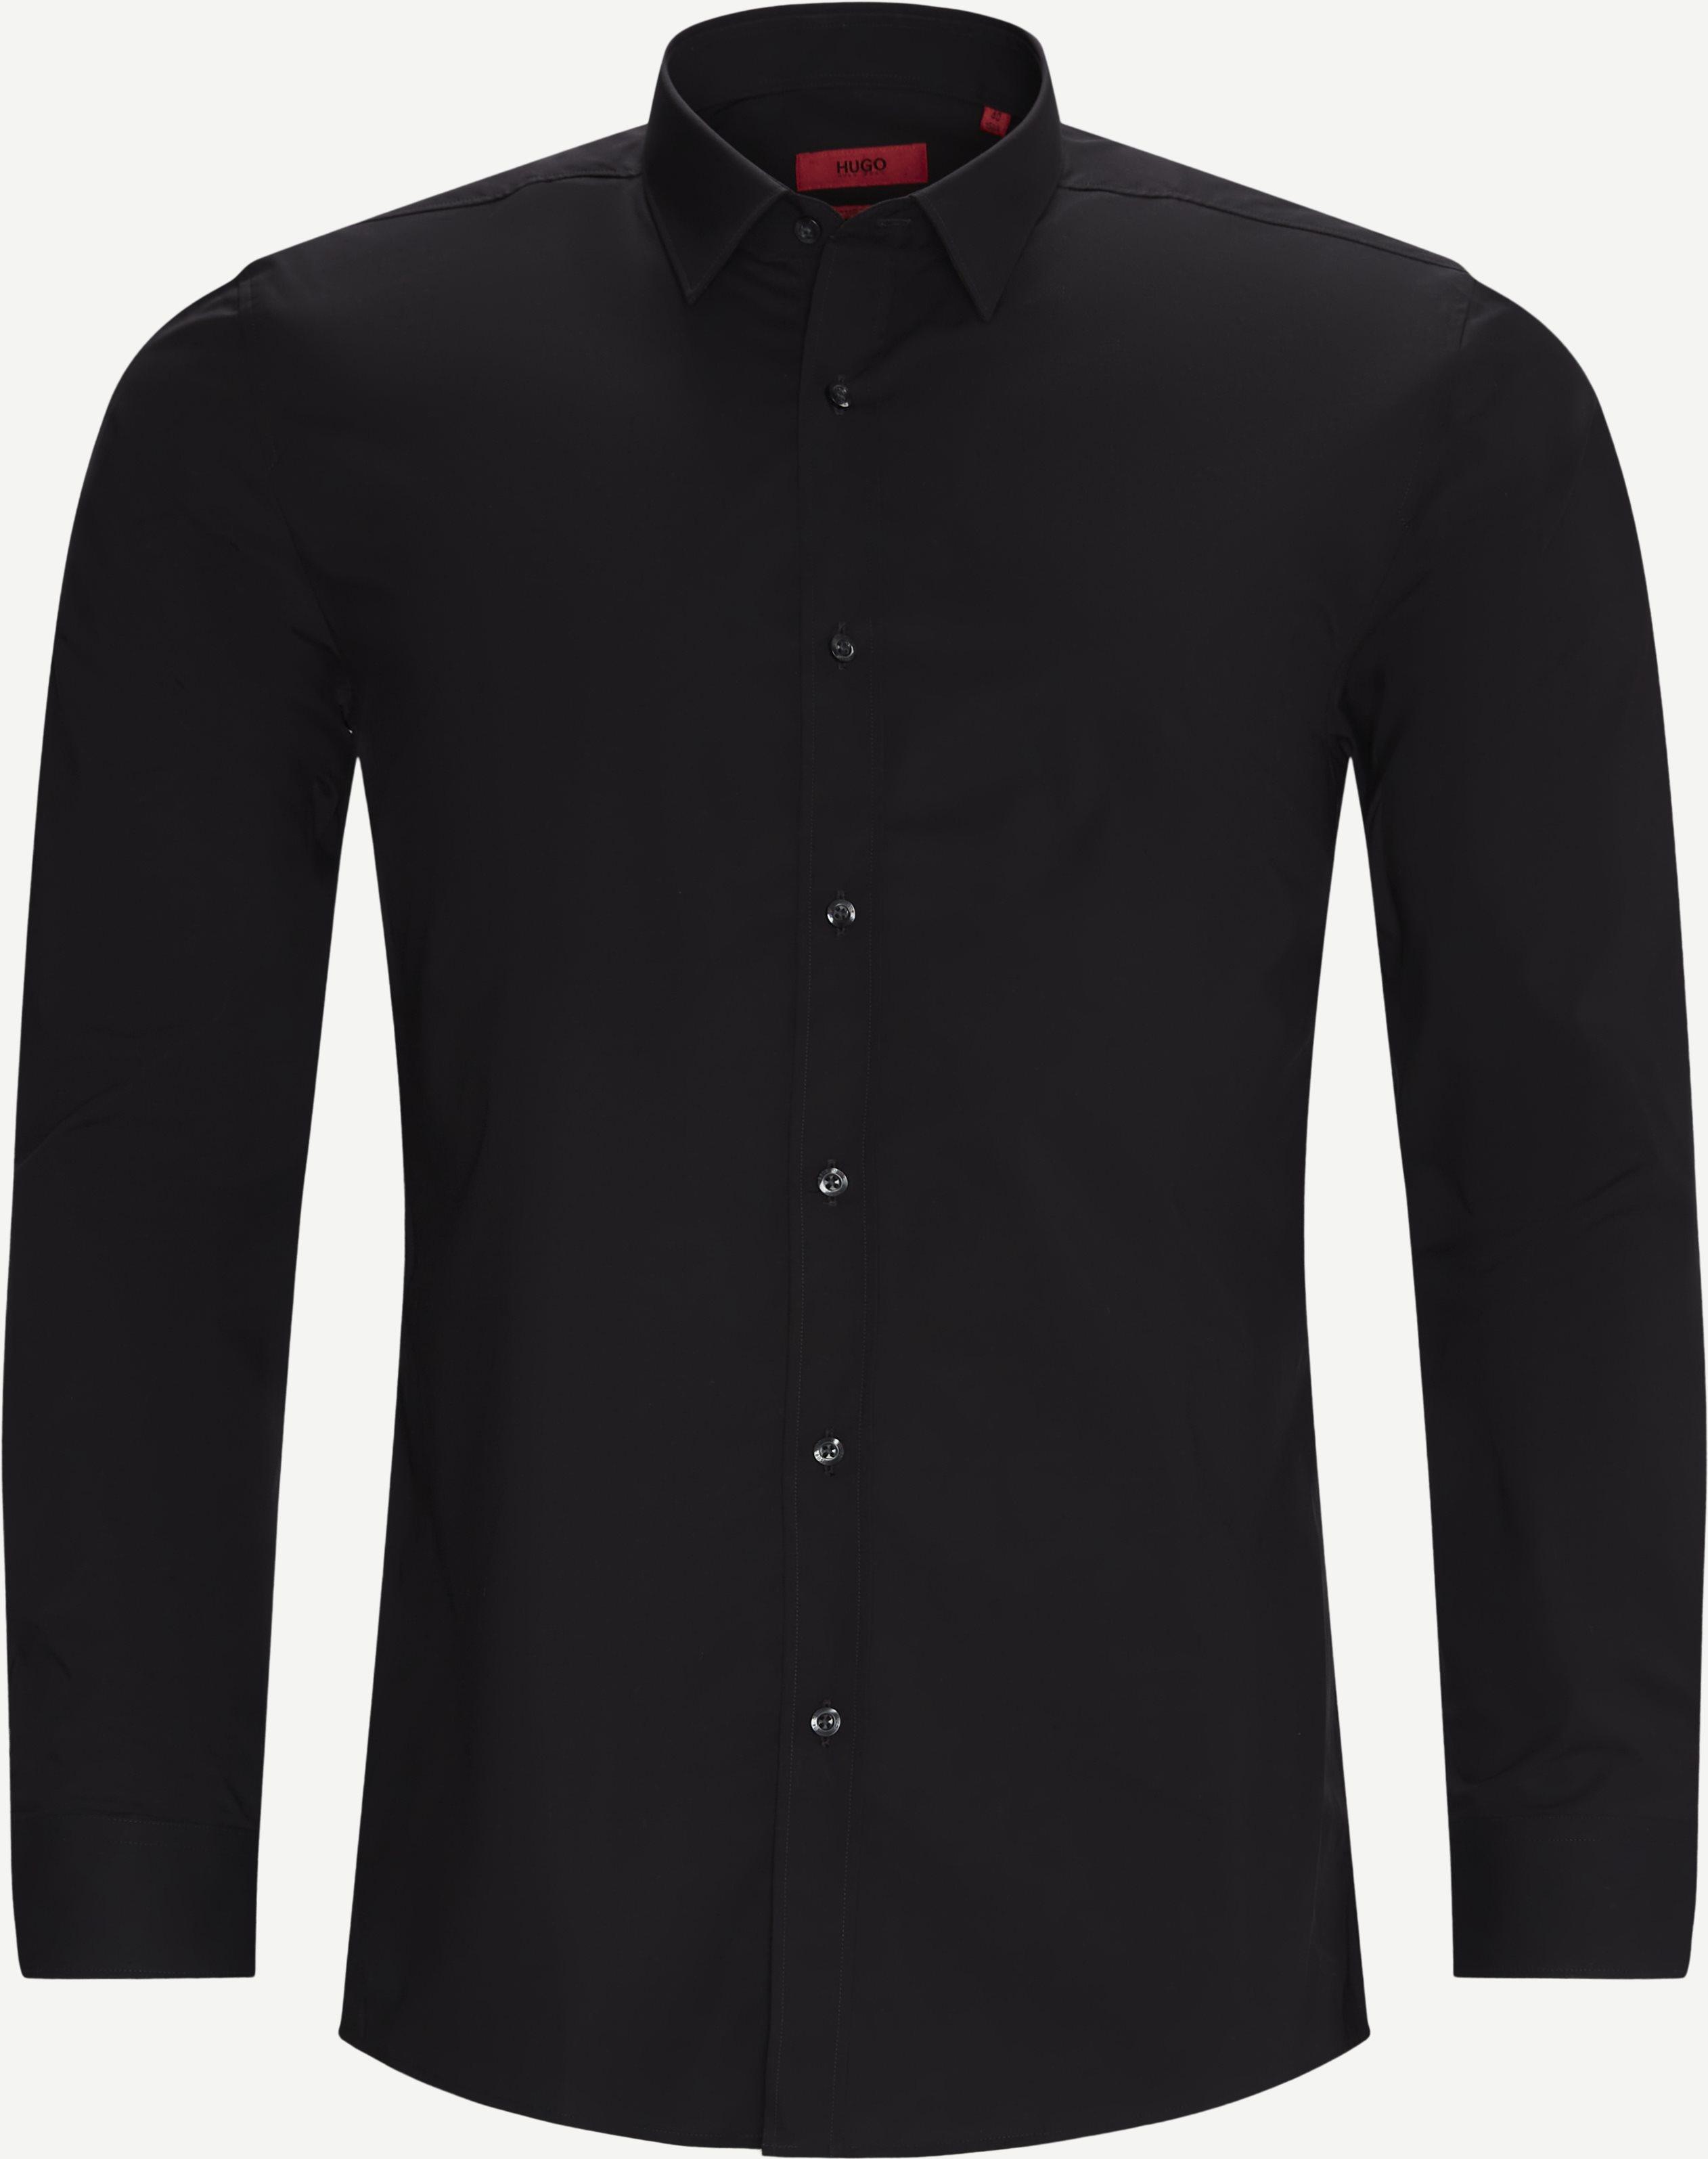 Elisha02 Shirt - Shirts - Ekstra slim fit - Black